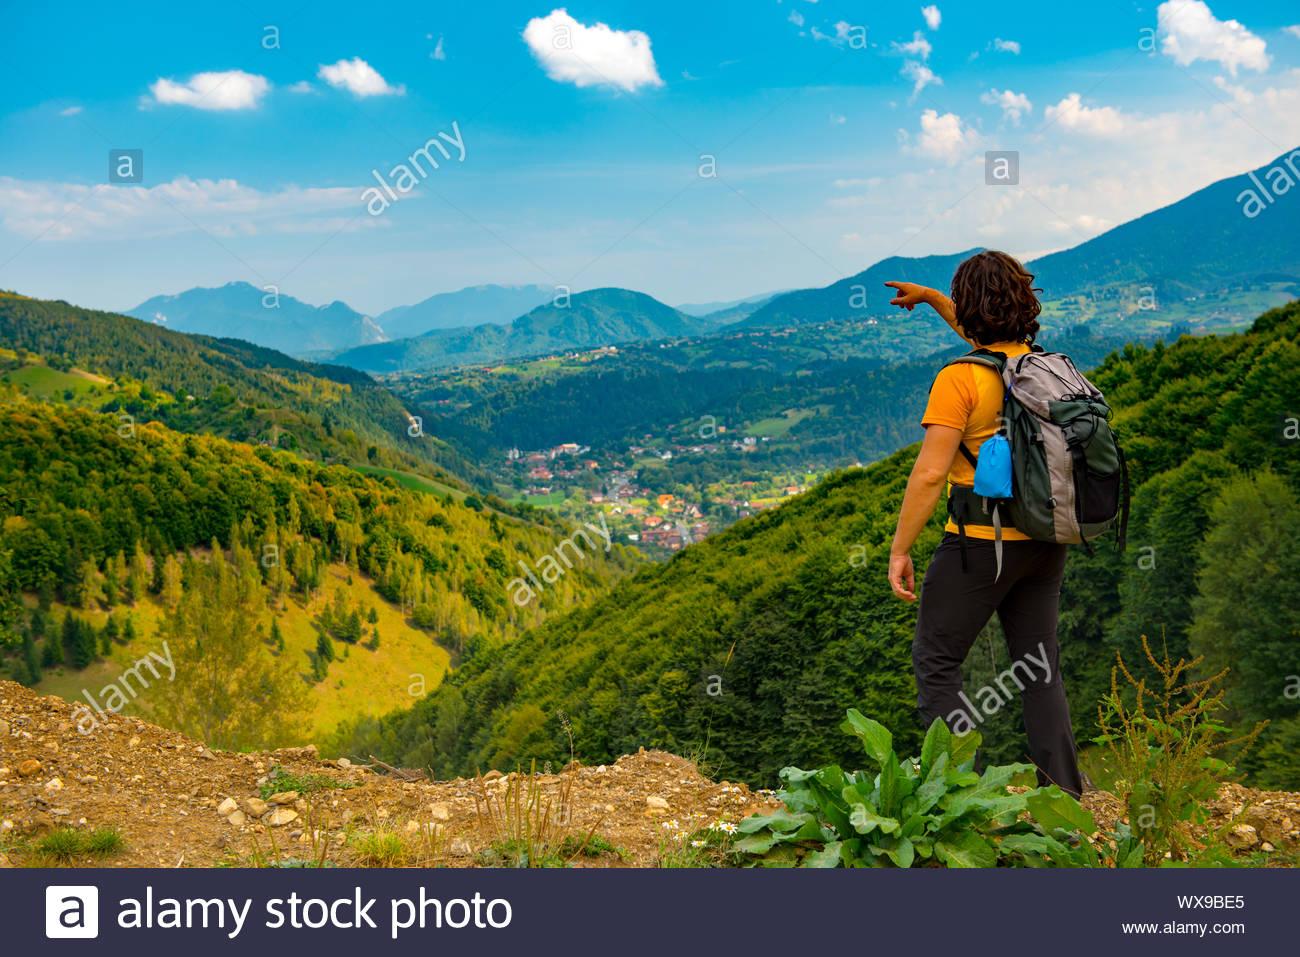 Jeune randonneur pointant vers un beau paysage de montagnes couvertes de forêts. Randonnée dans un beau jour d'été. Banque D'Images